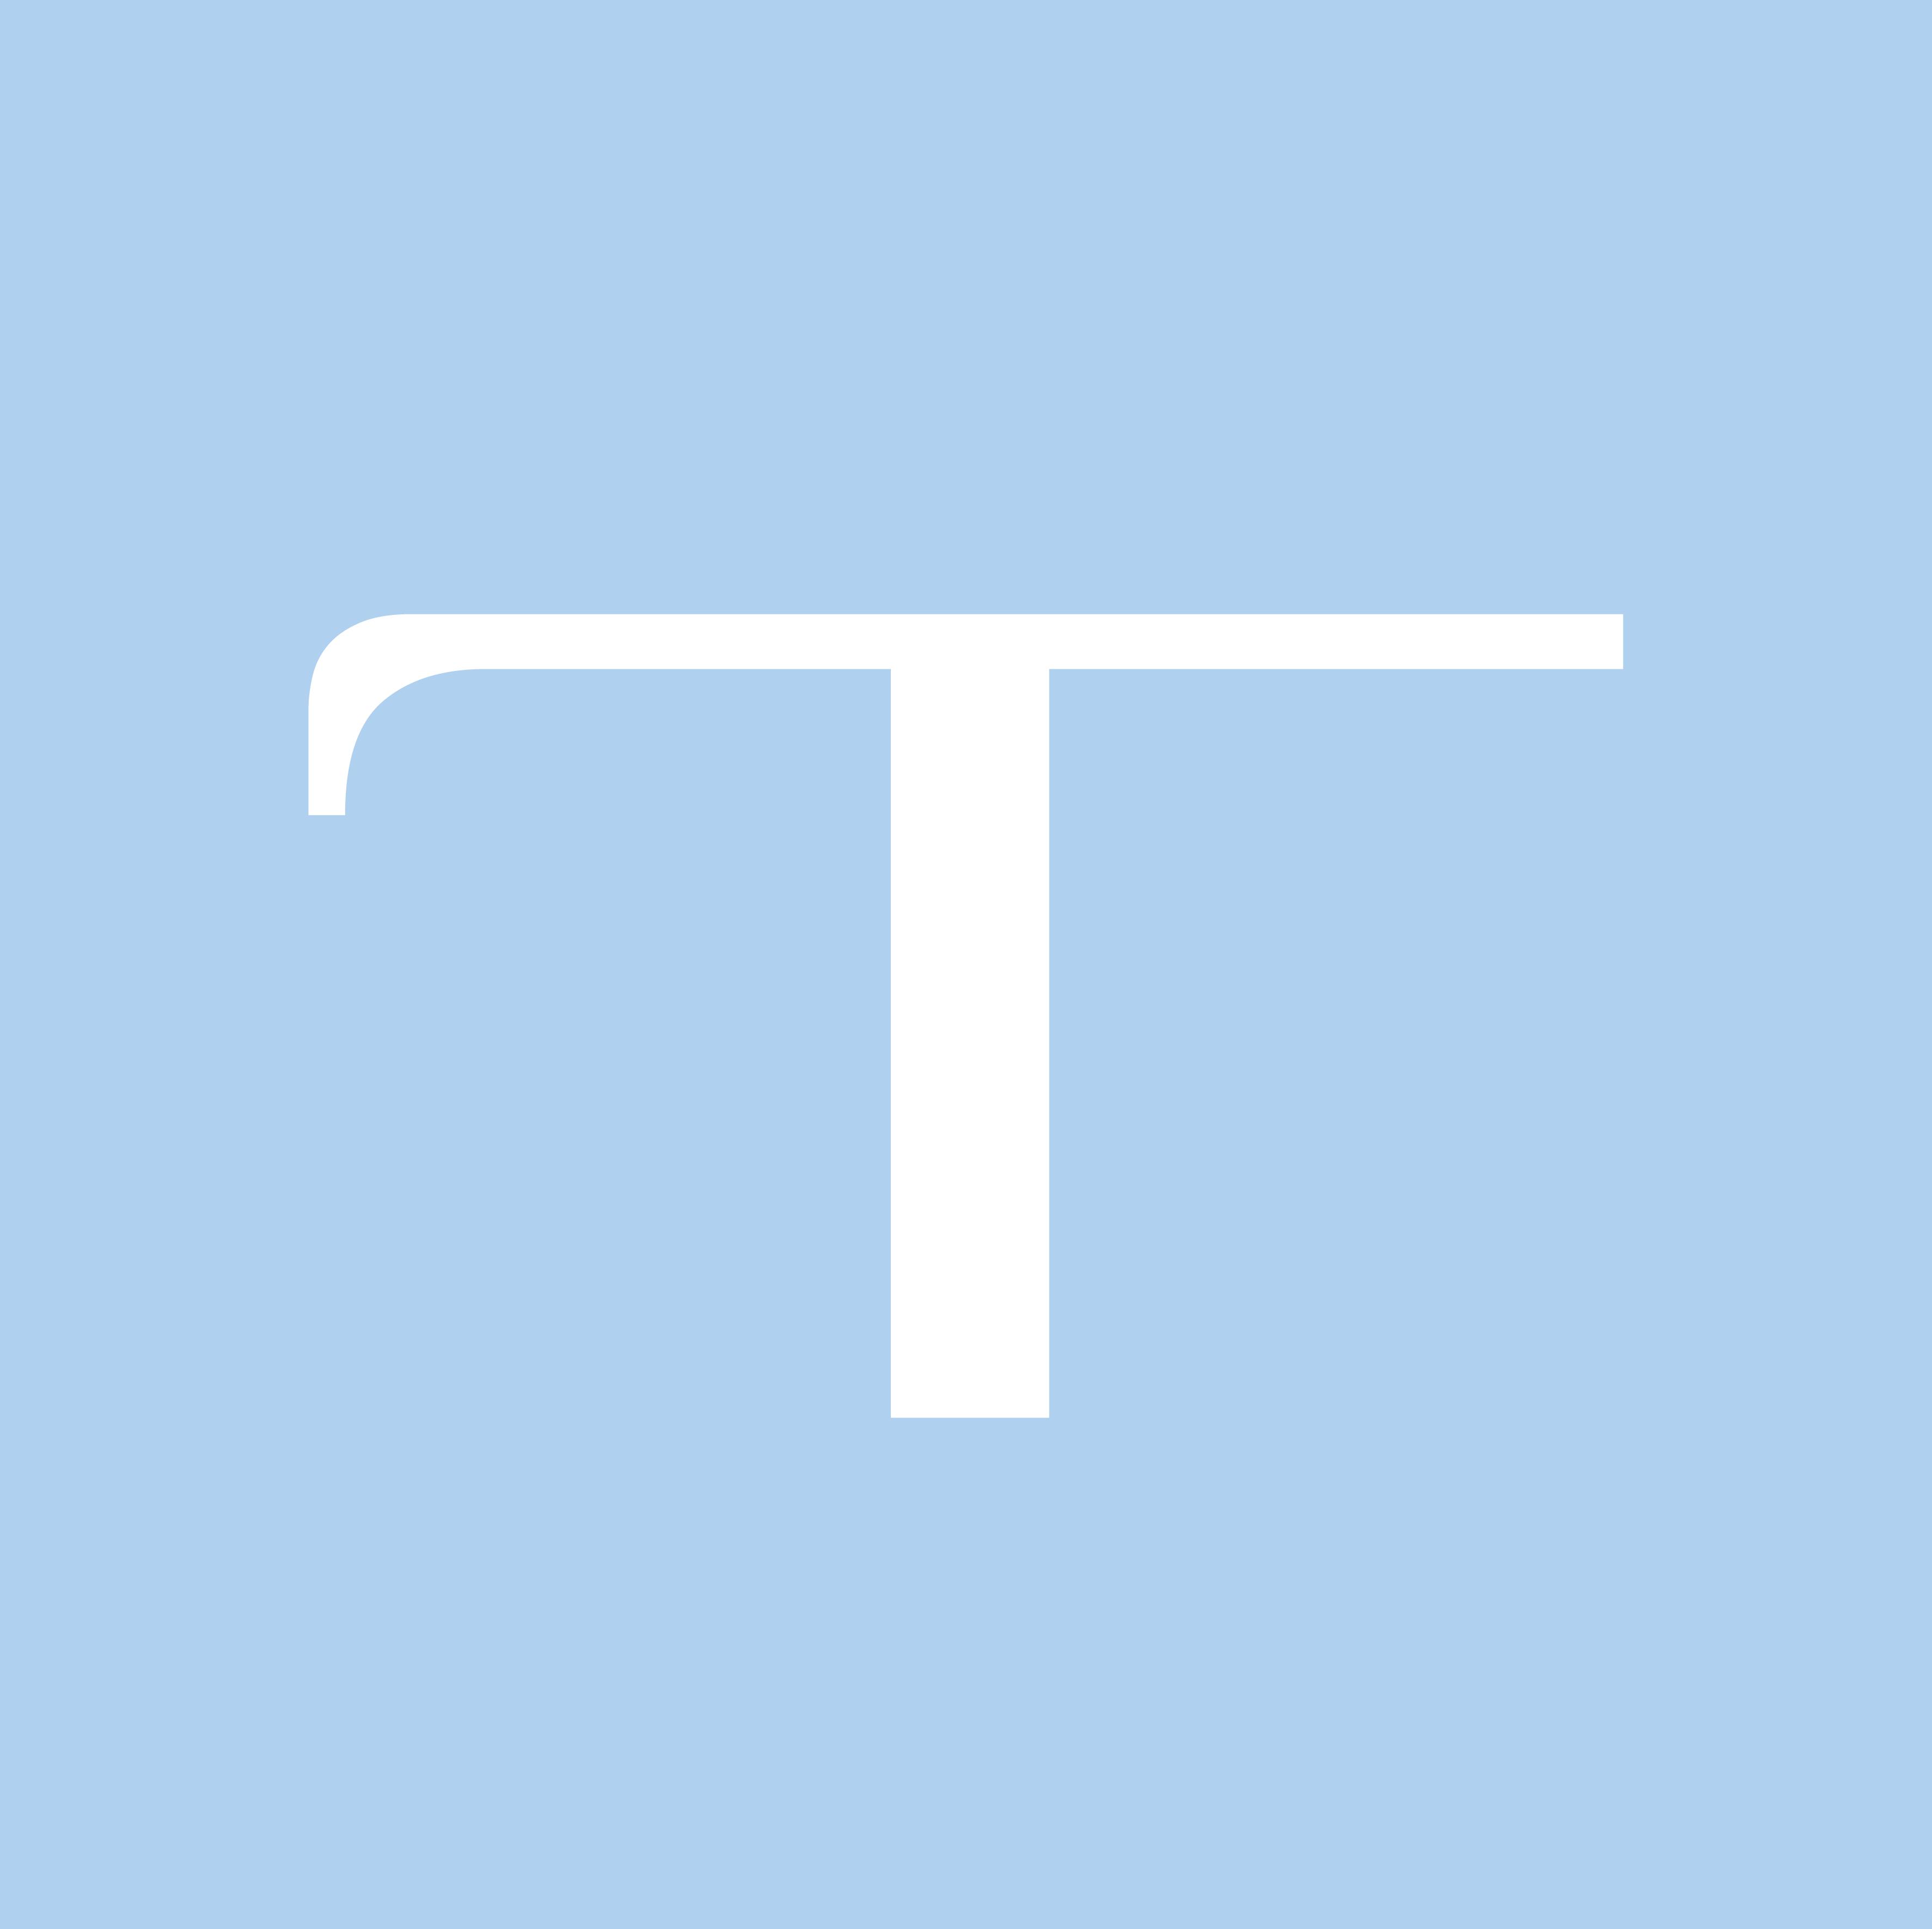 Professur Production & Management - TRESCON Betriebsberatungsgesellschaft m.b.H. - Logo